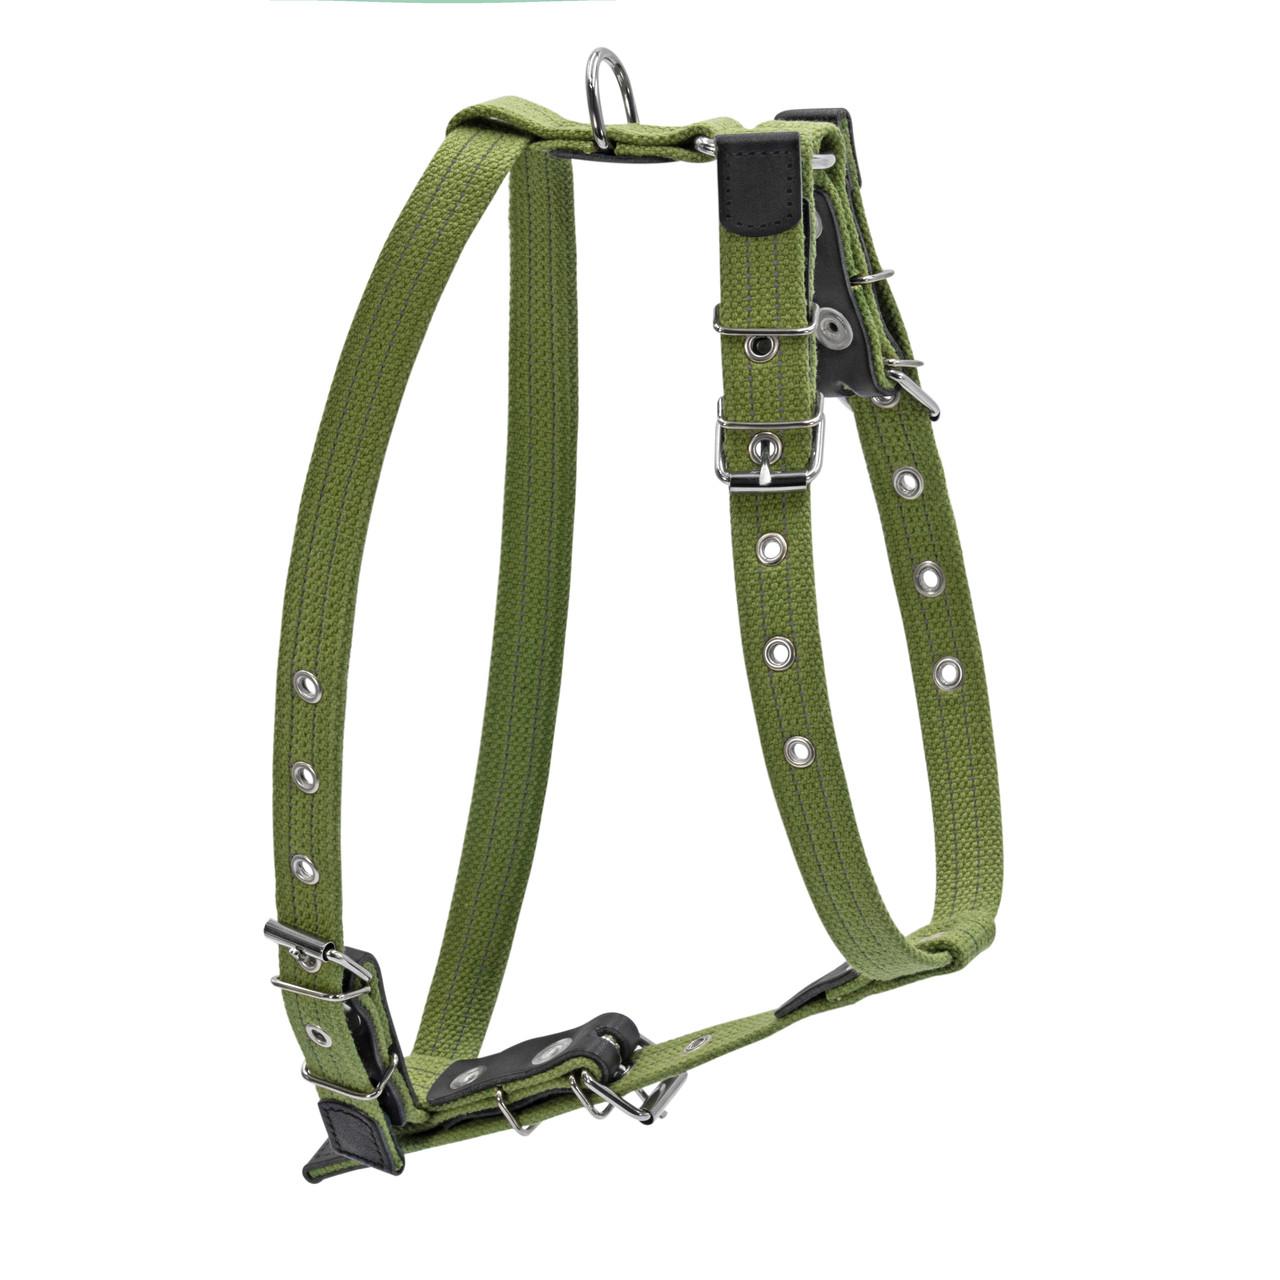 Шлея CoLLaR х/б тесьма со светоотражающей нитью для средних собак зеленый  (0637)